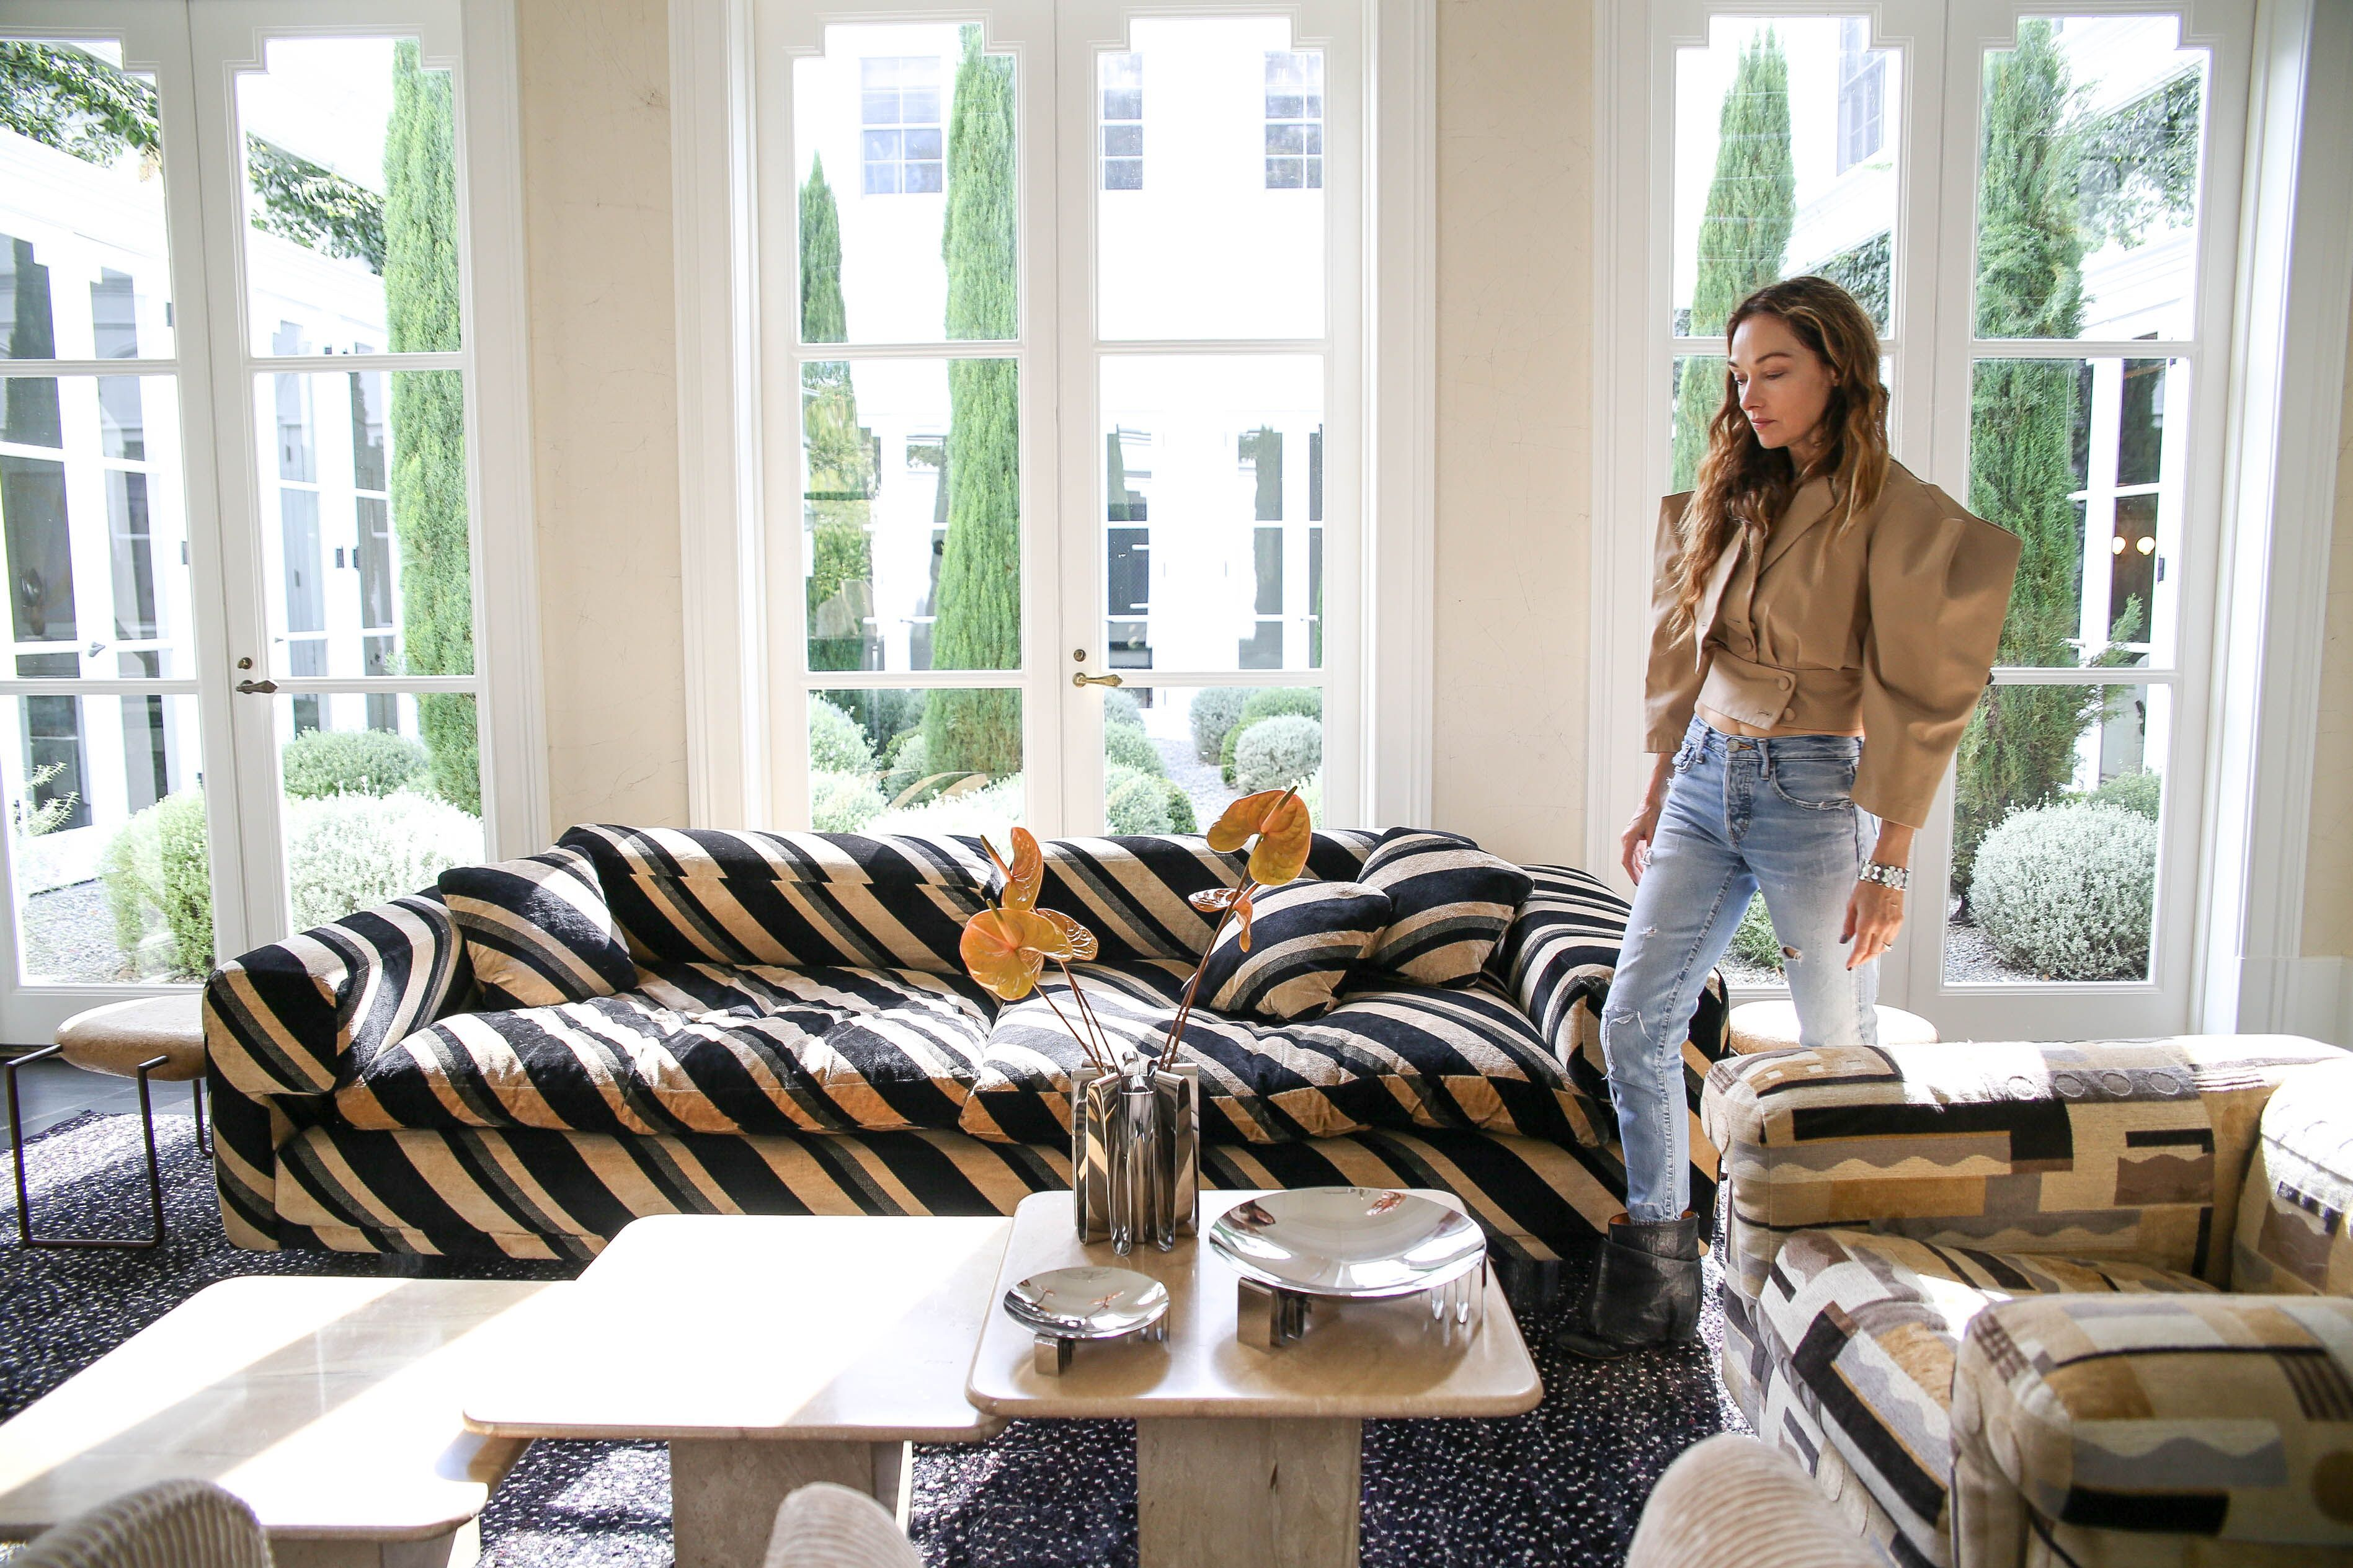 Pin By Kelly Wearstler On Georg Jensen X Kw Luxury Home Decor